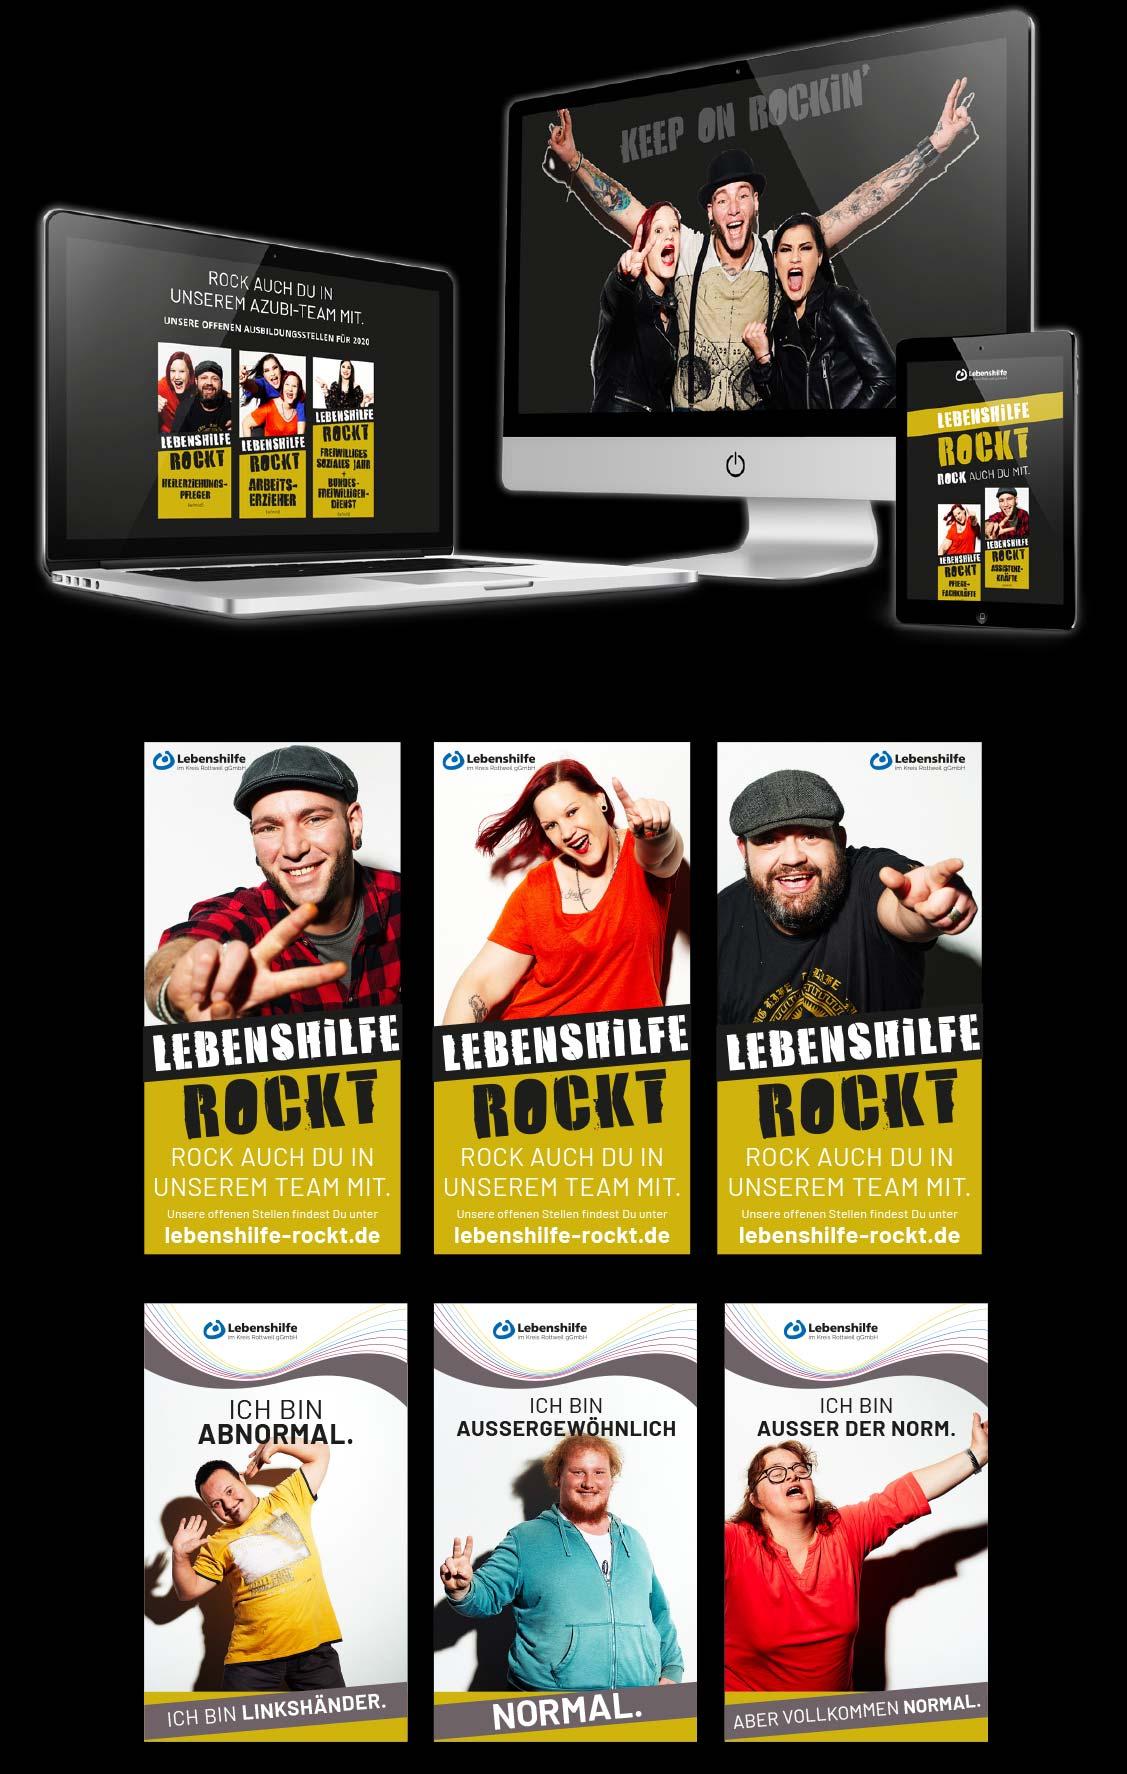 Eine Zusammenstellung von Bildschirmen mit der Lebenshilfe Rockt Seite und verschiedenen Plakat-Motiven